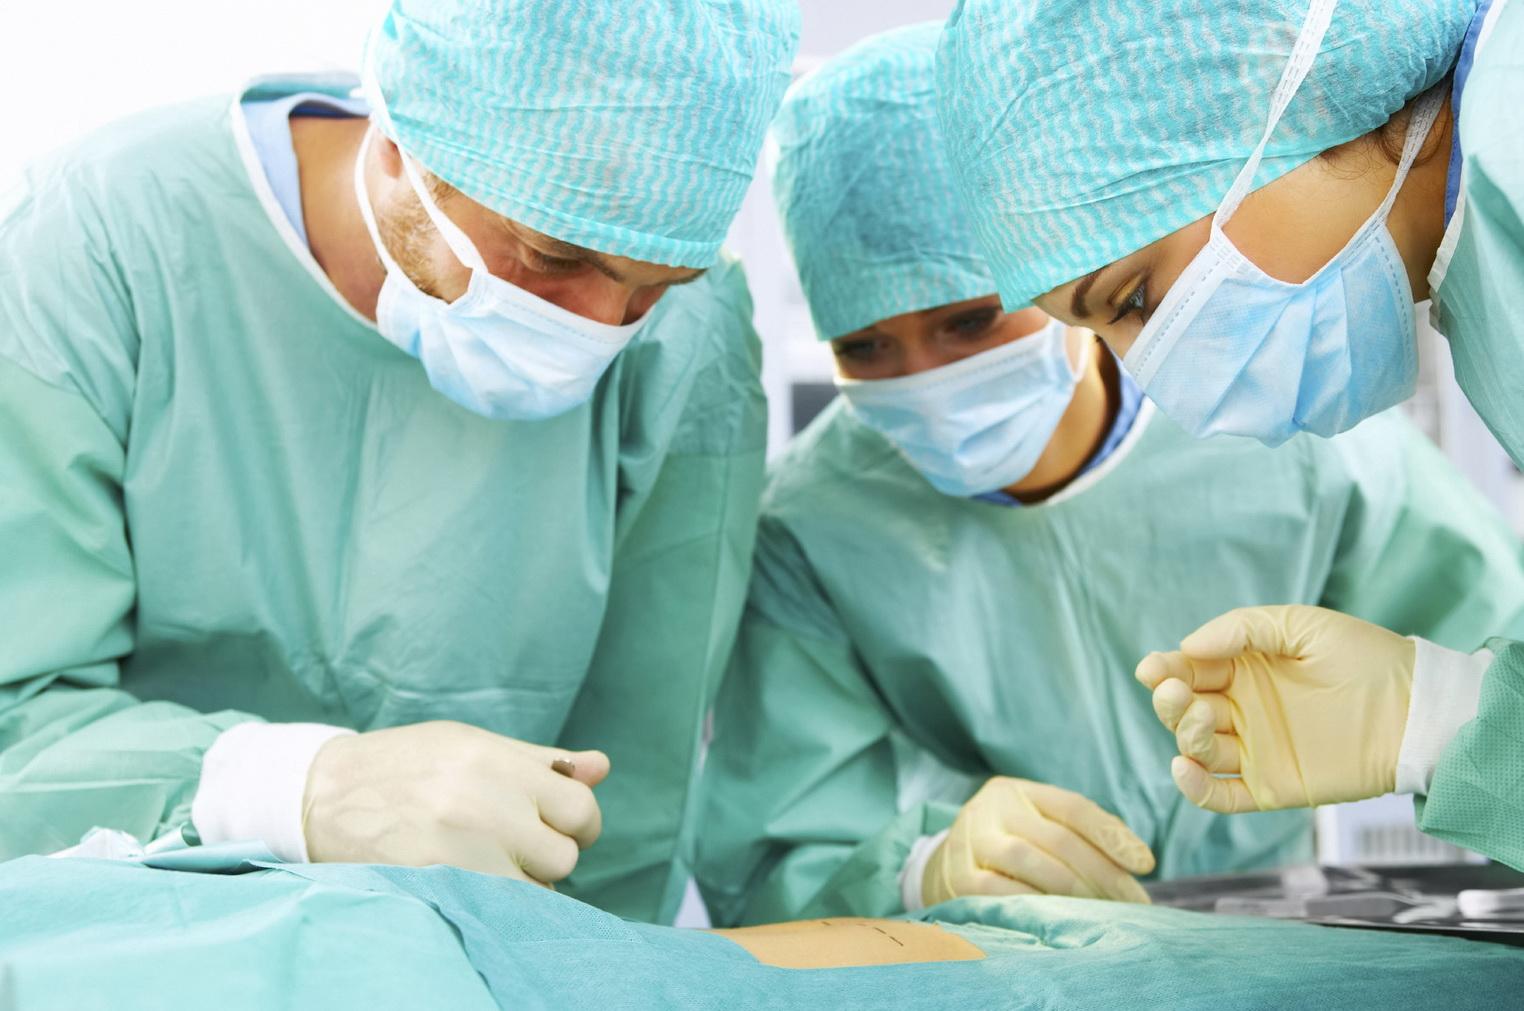 Операция гидроцеле и восстановление после нее